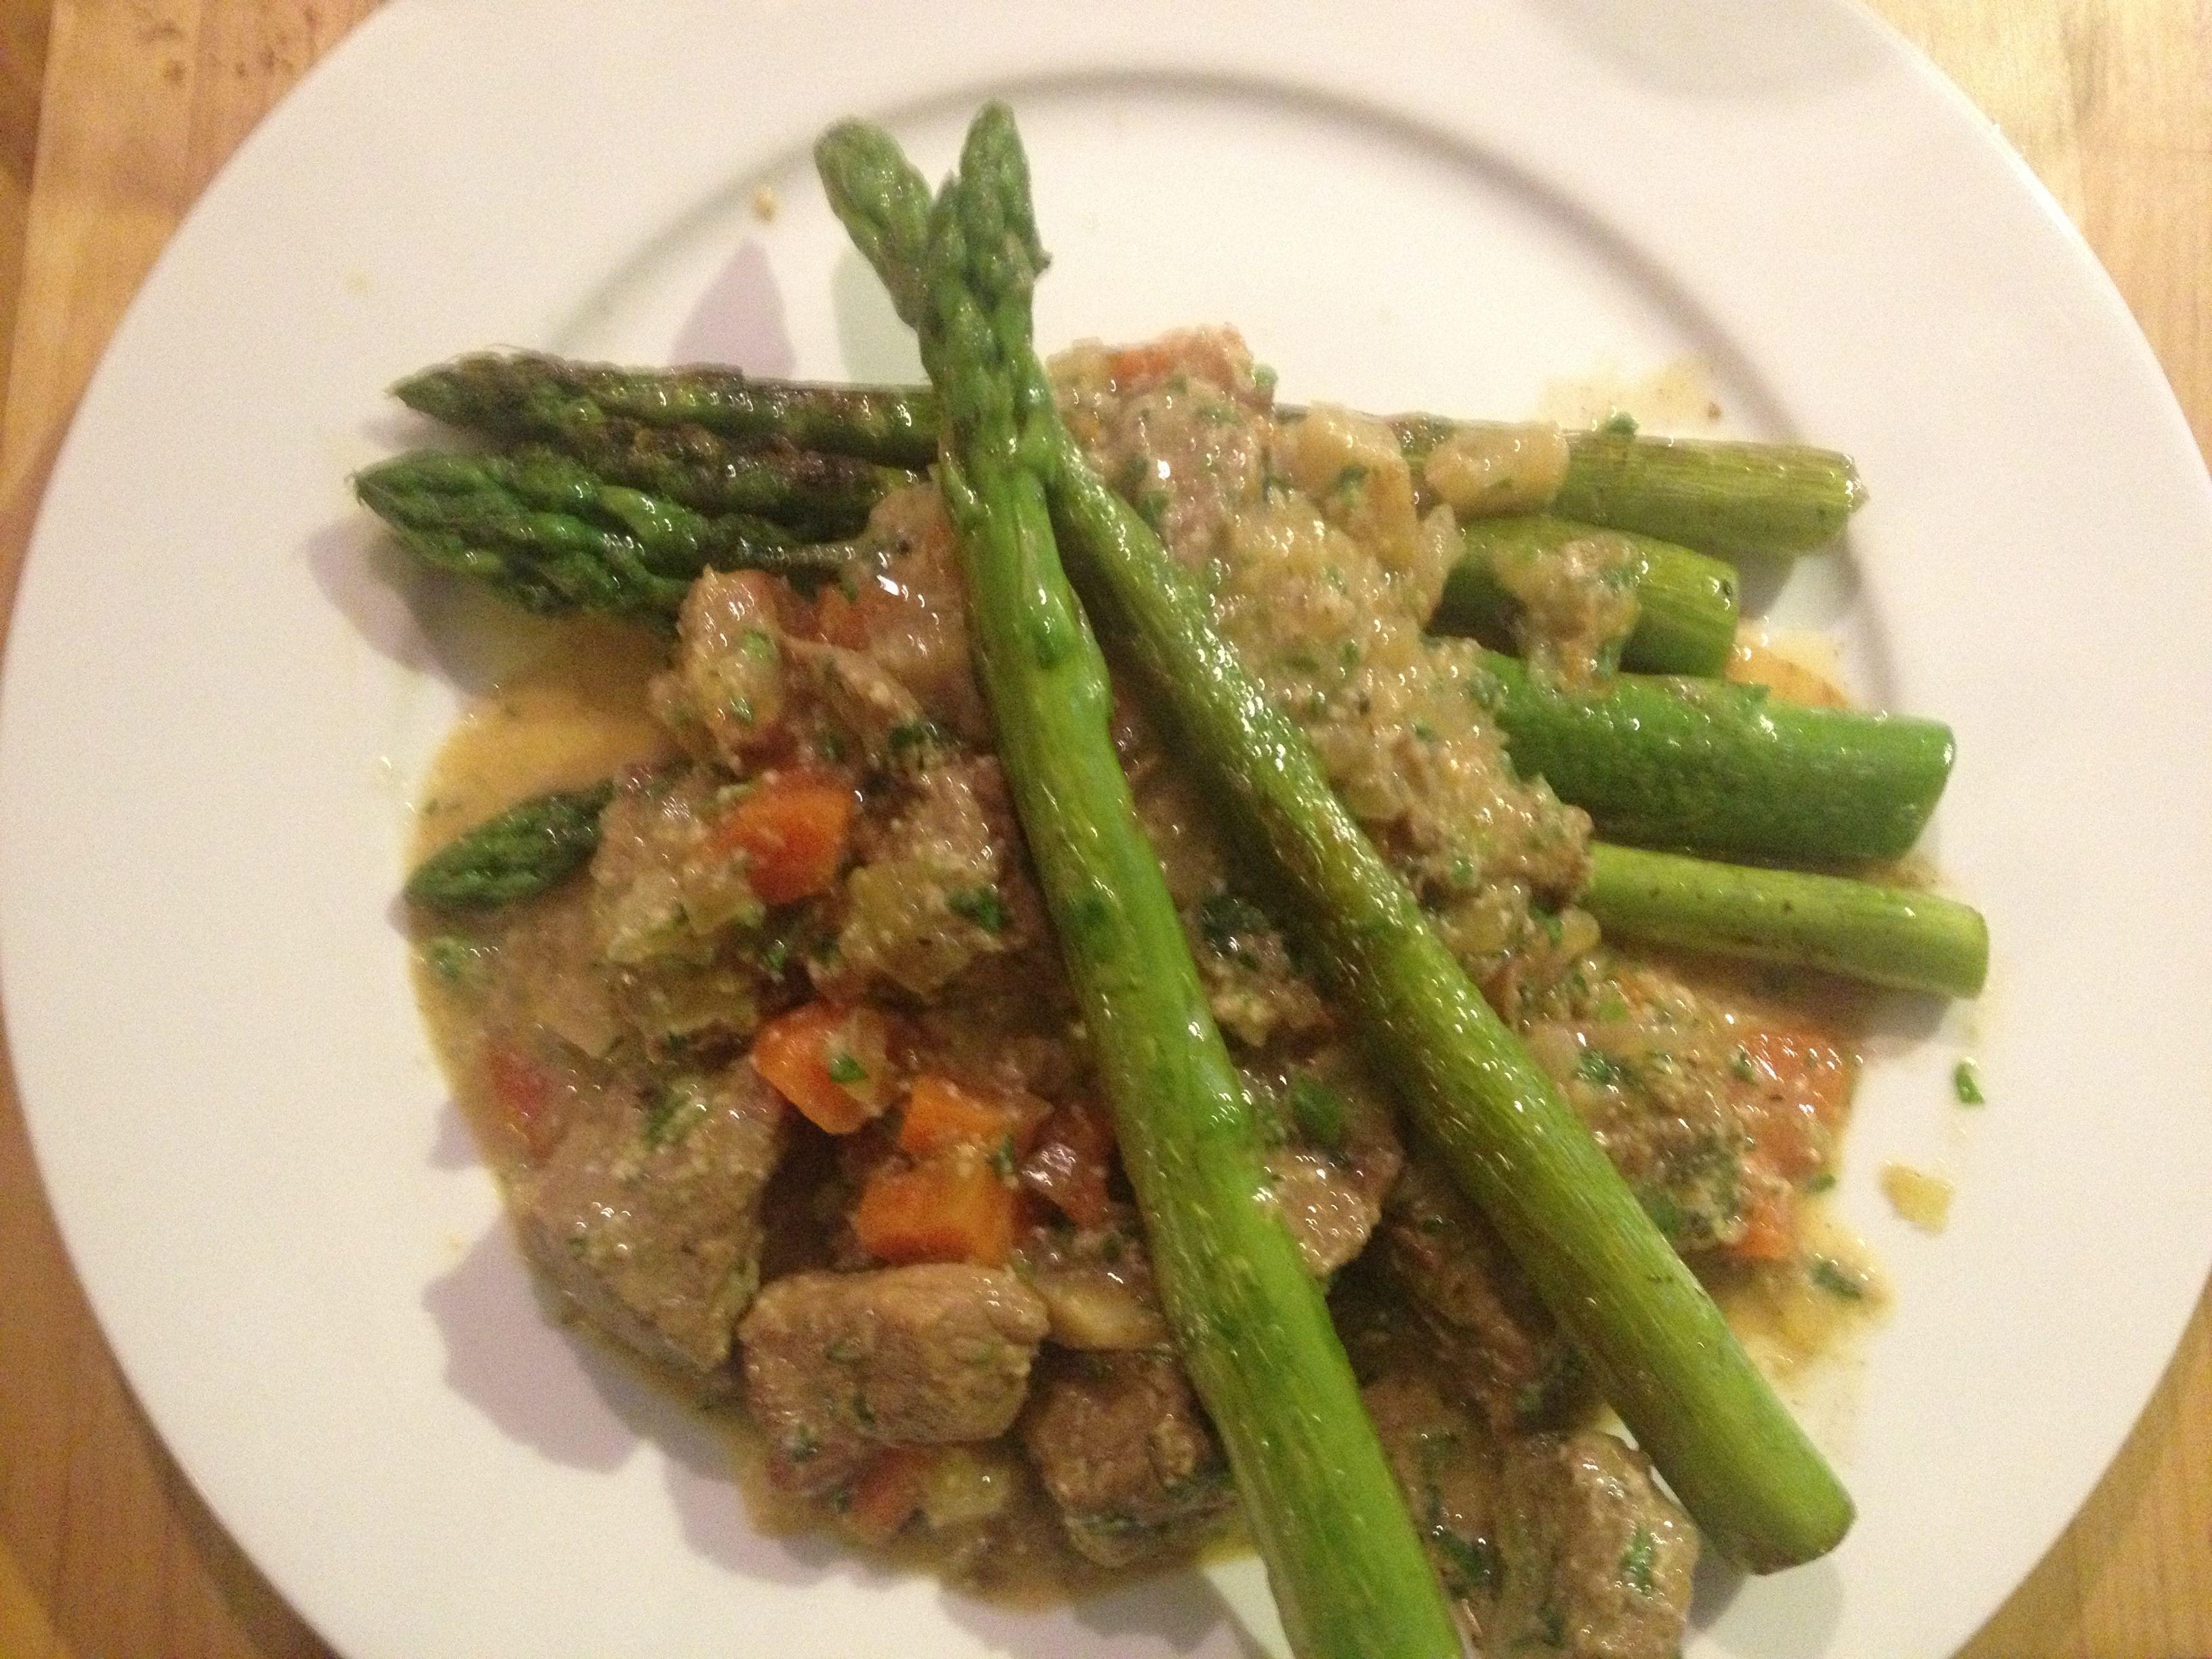 Blanquette de veau au canelle with green aspargus.